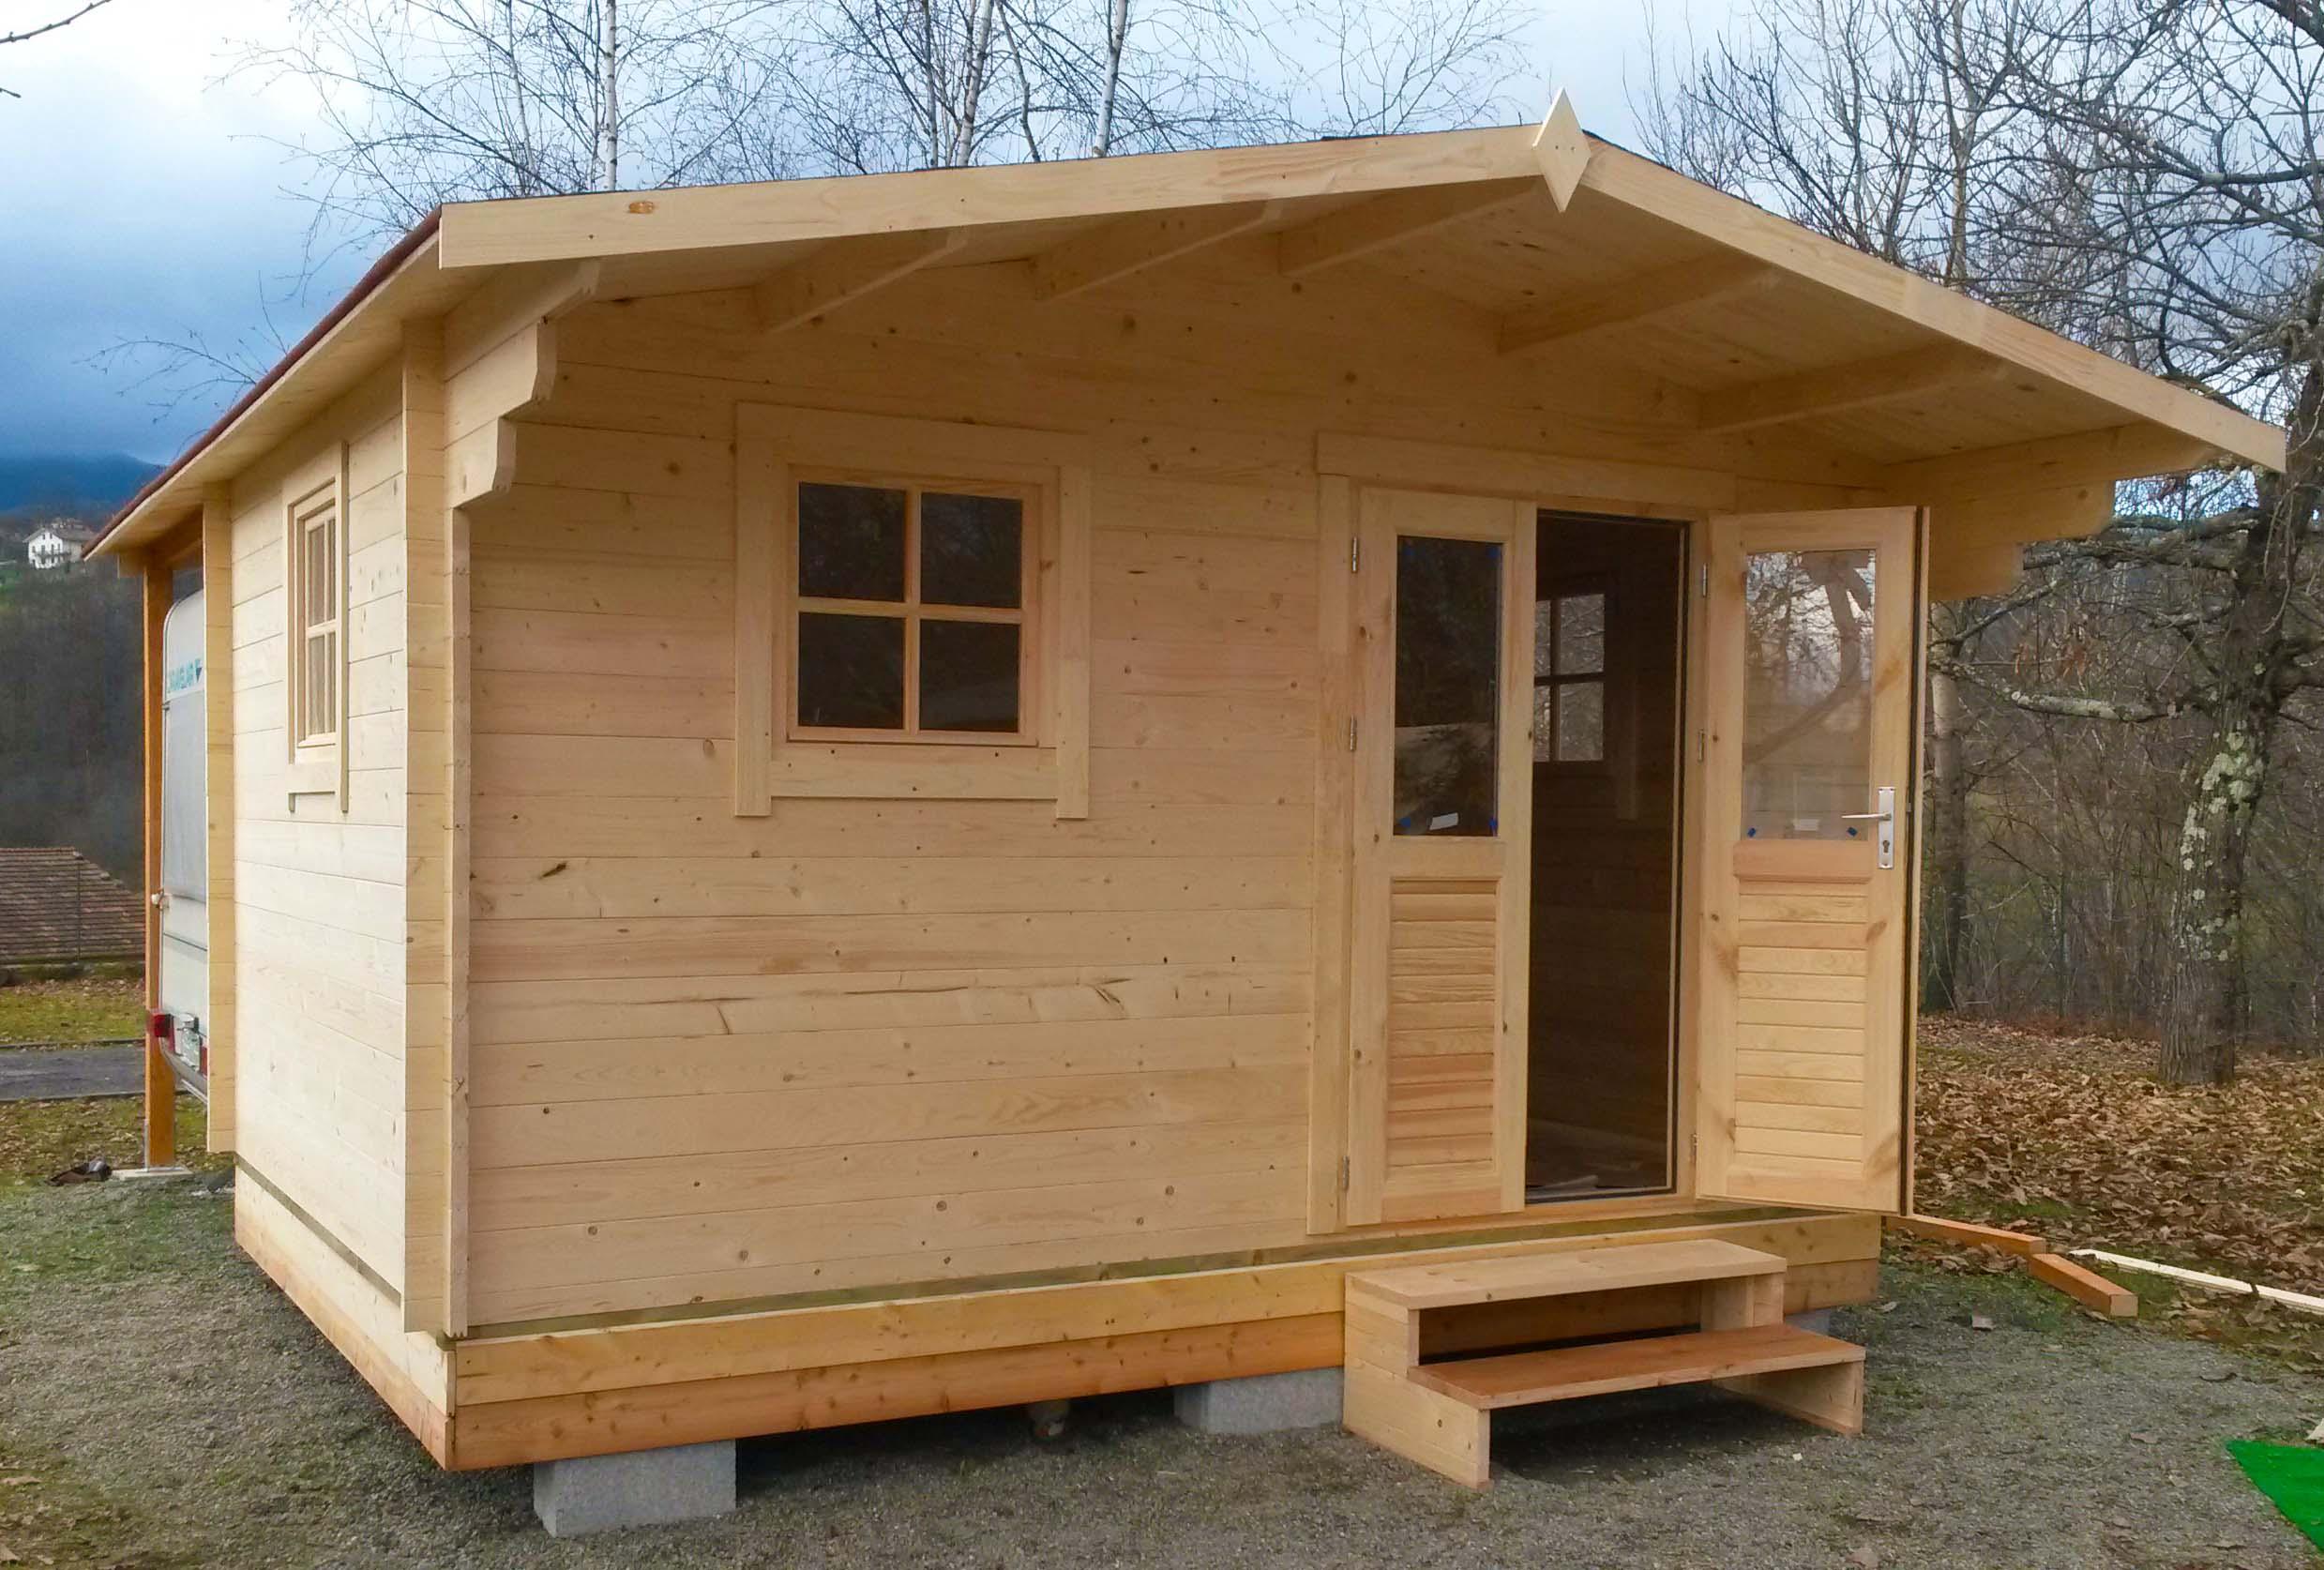 Case mobili casa mobile case mobili usate case - Case in legno mobili ...